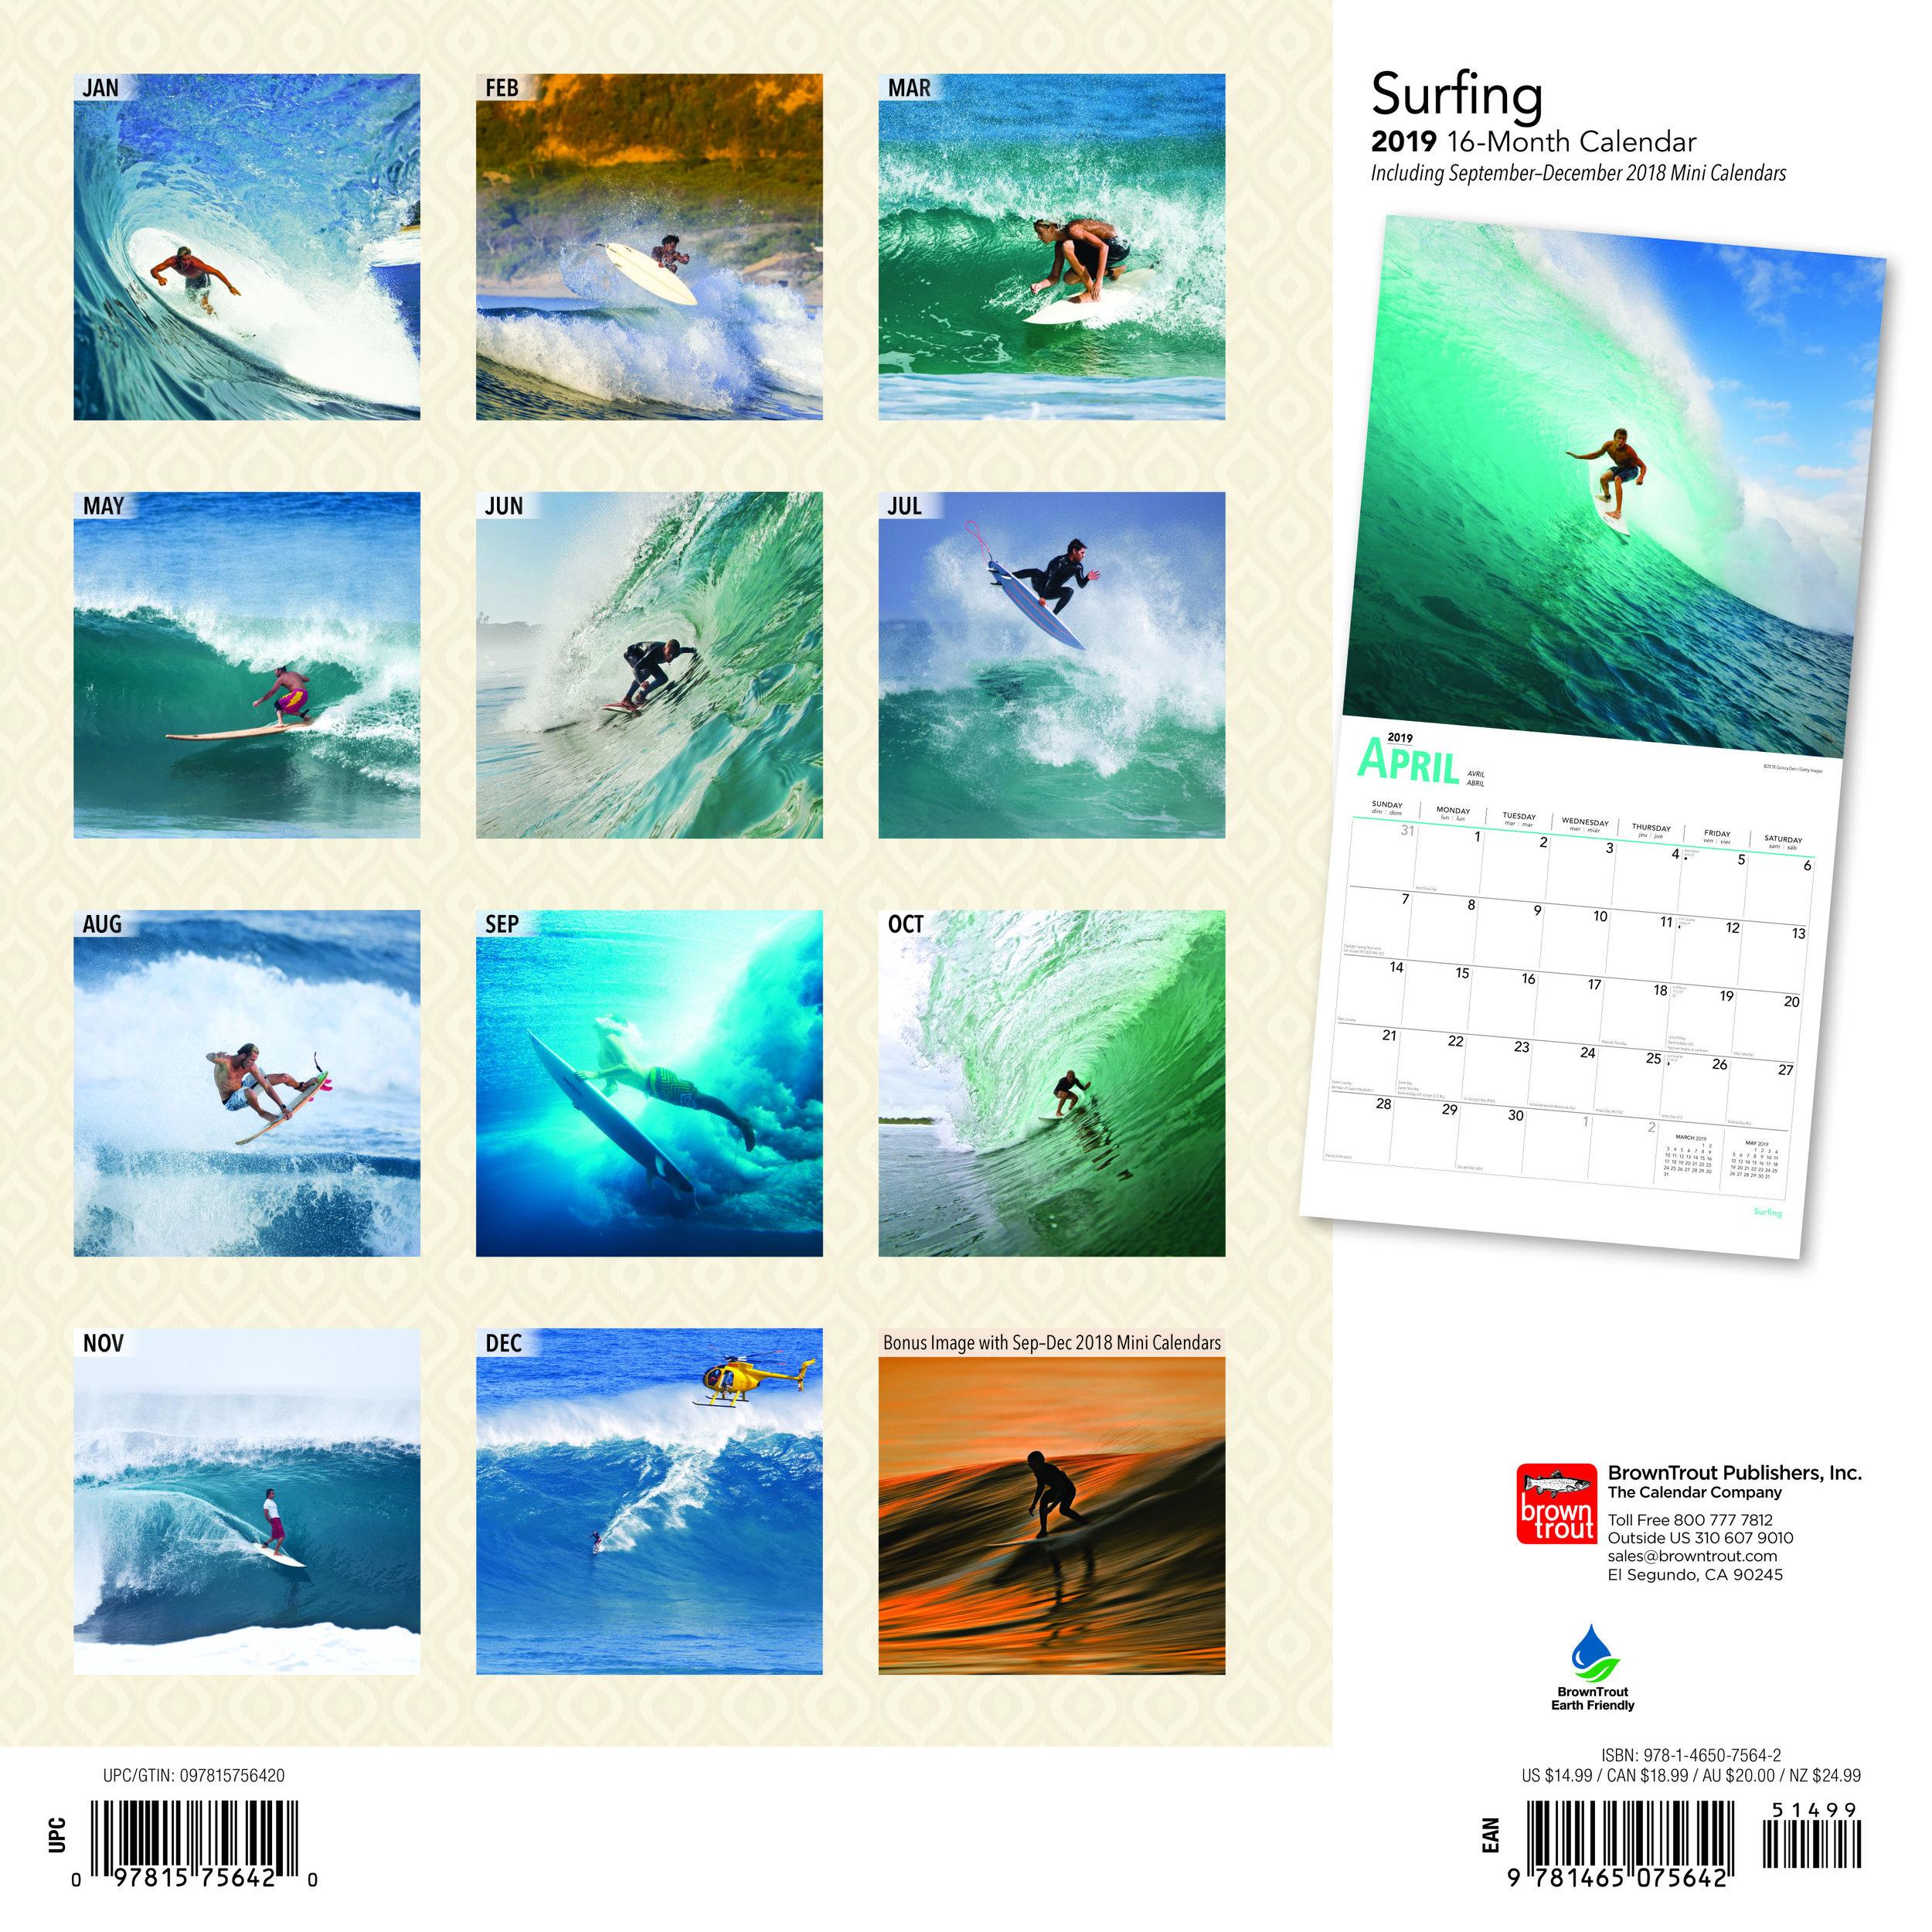 7564-2__Surfing__BT_12SQ19_v00_BKC.jpg